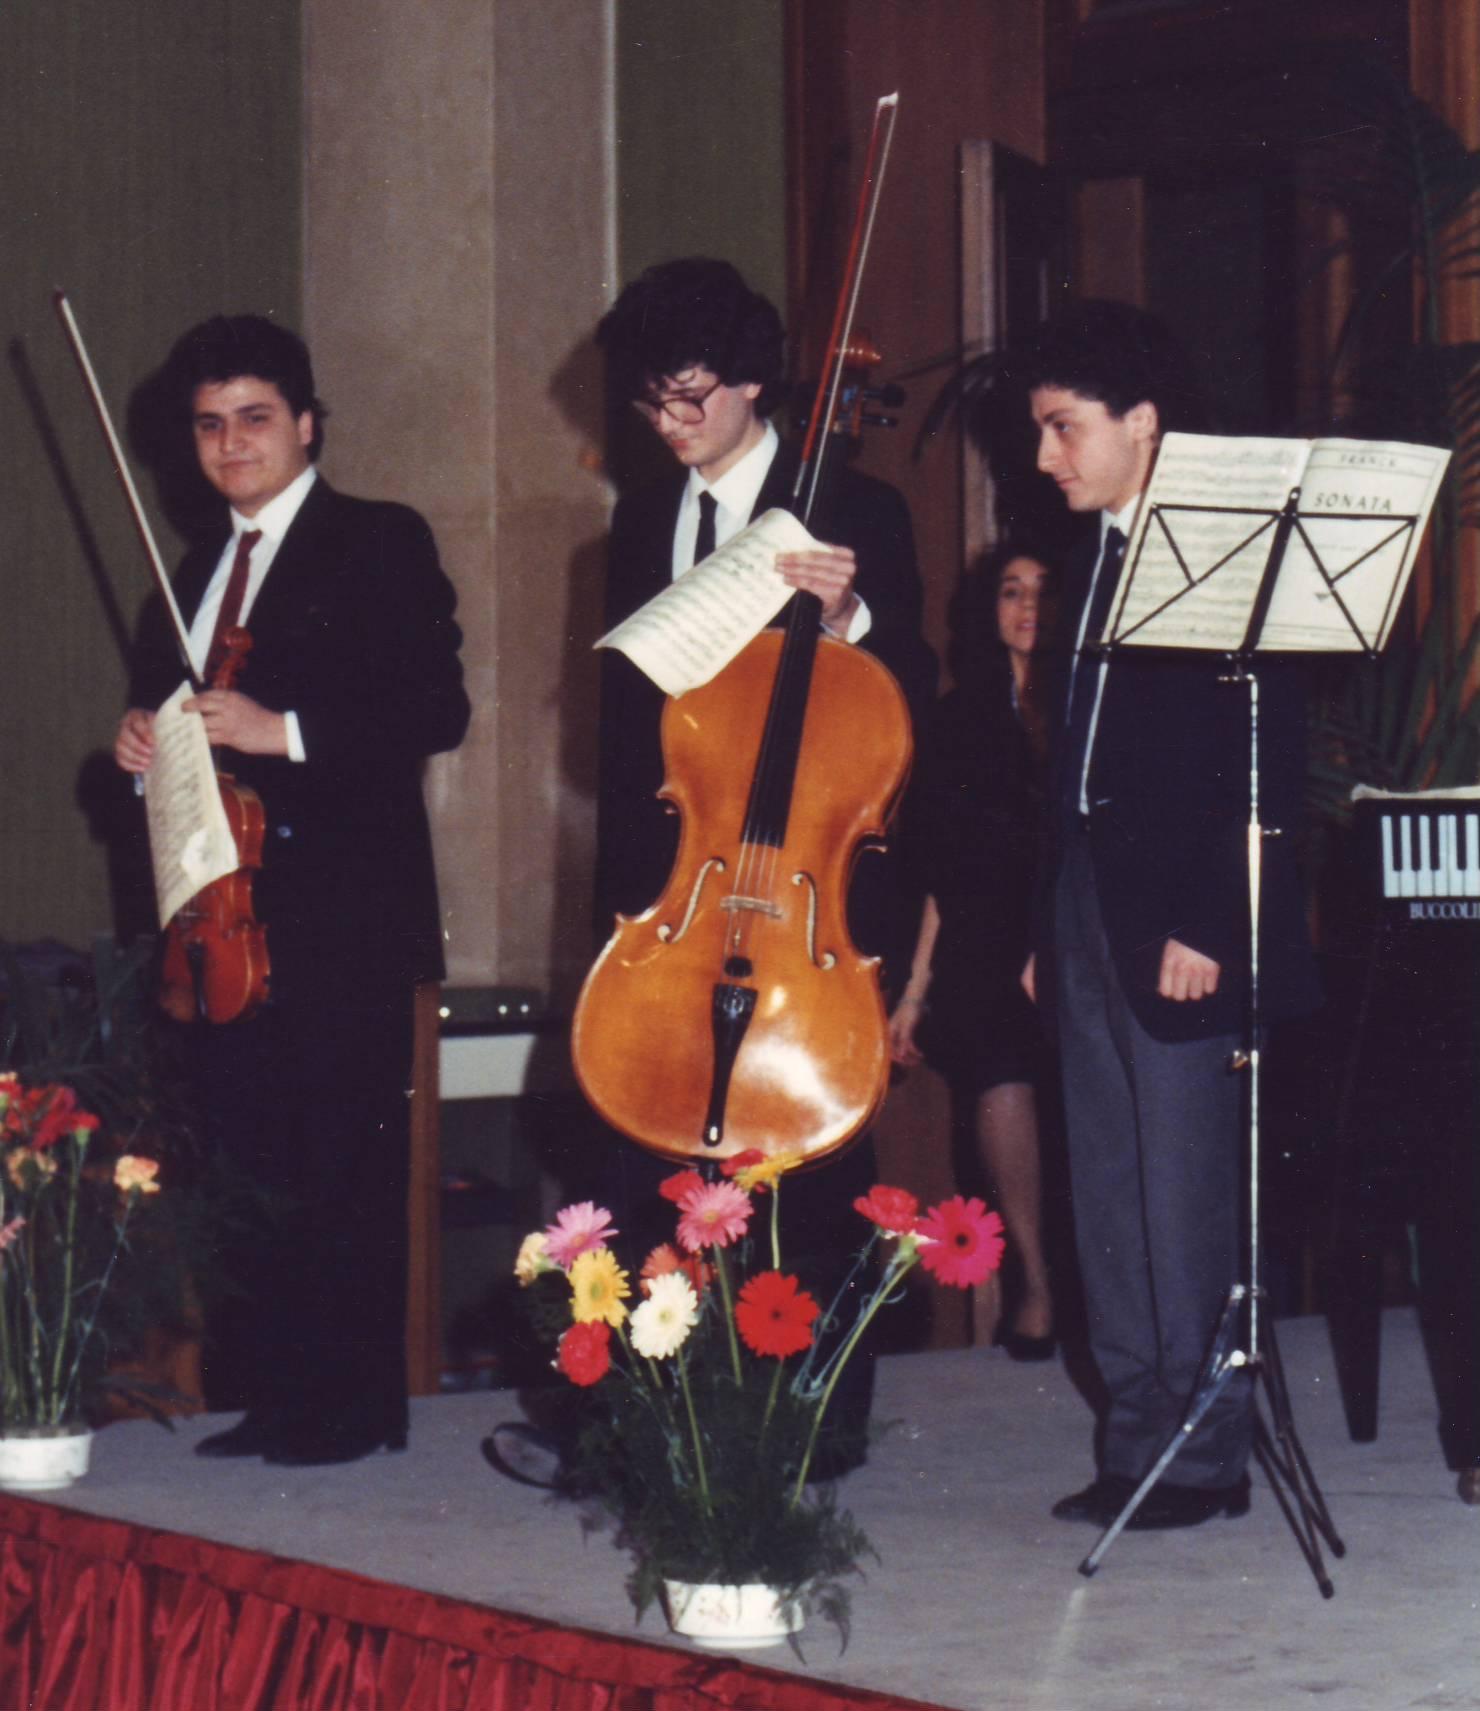 Alberto-trio smetana0004